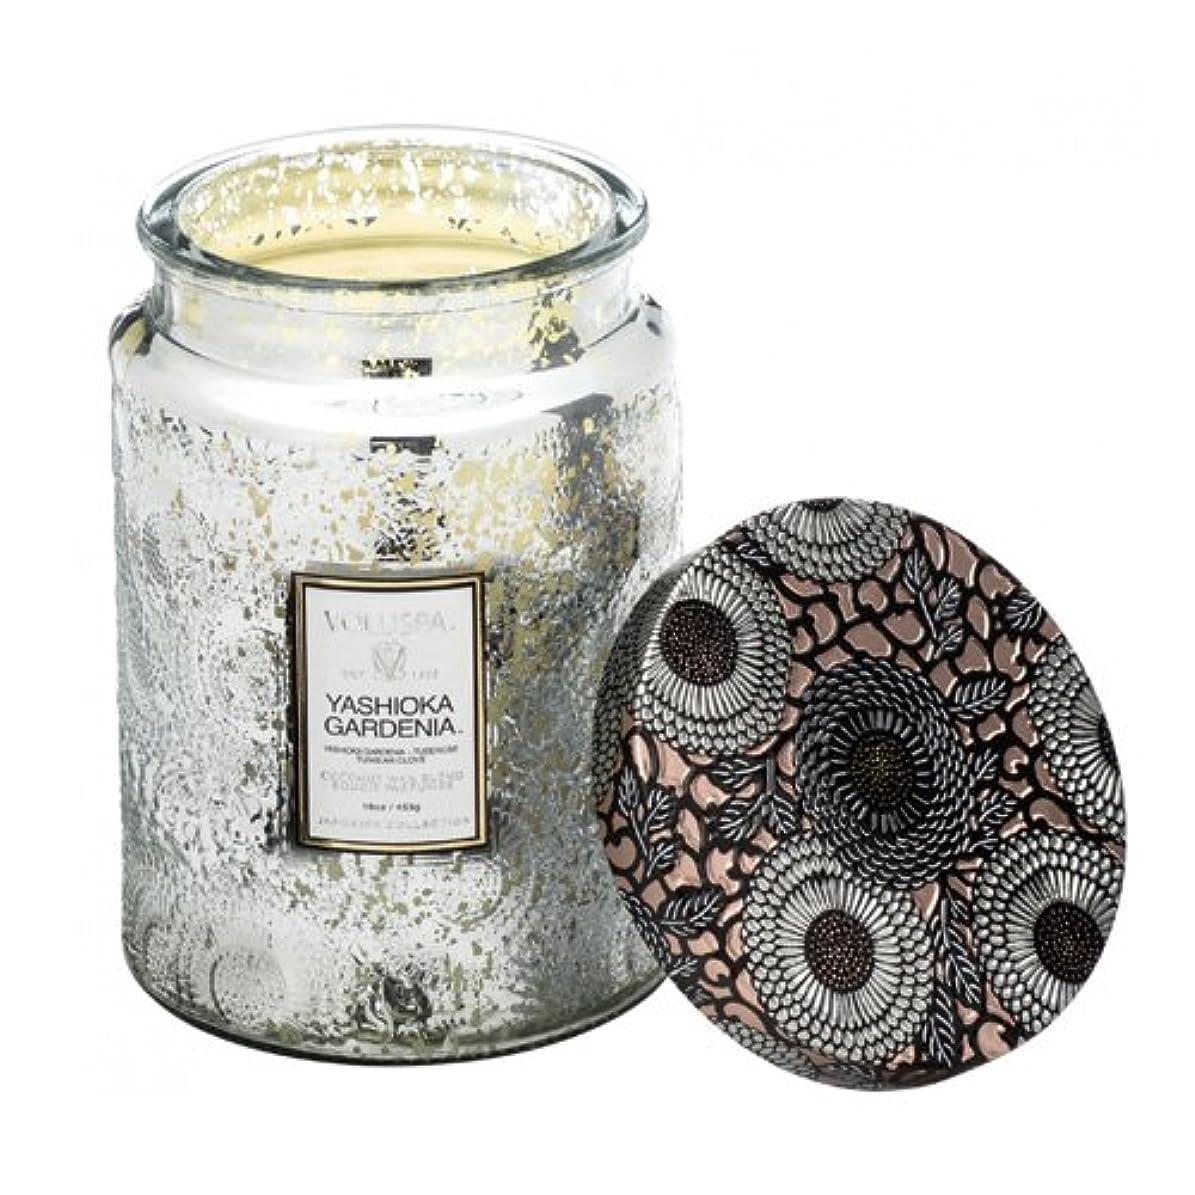 本会議保護勇者Voluspa ボルスパ ジャポニカ リミテッド グラスジャーキャンドル  L ヤシオカガーデニア YASHIOKA GARDENIA JAPONICA Limited LARGE EMBOSSED Glass jar...